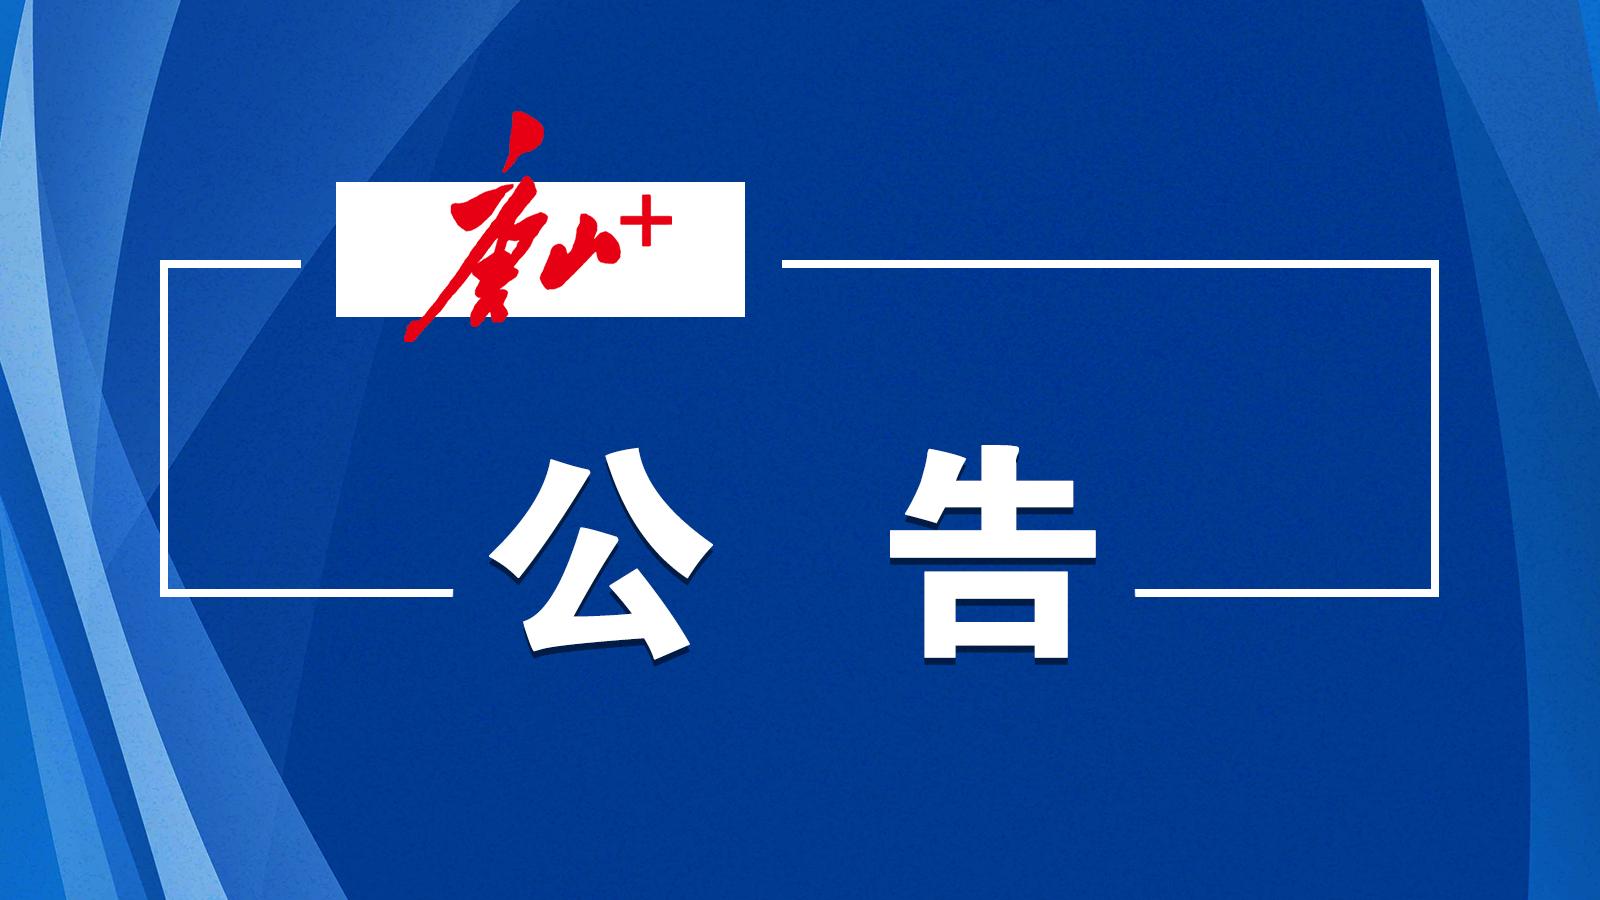 唐山市人民代表大会常务委员会关于《唐山市防灾减灾救灾条例》的说明